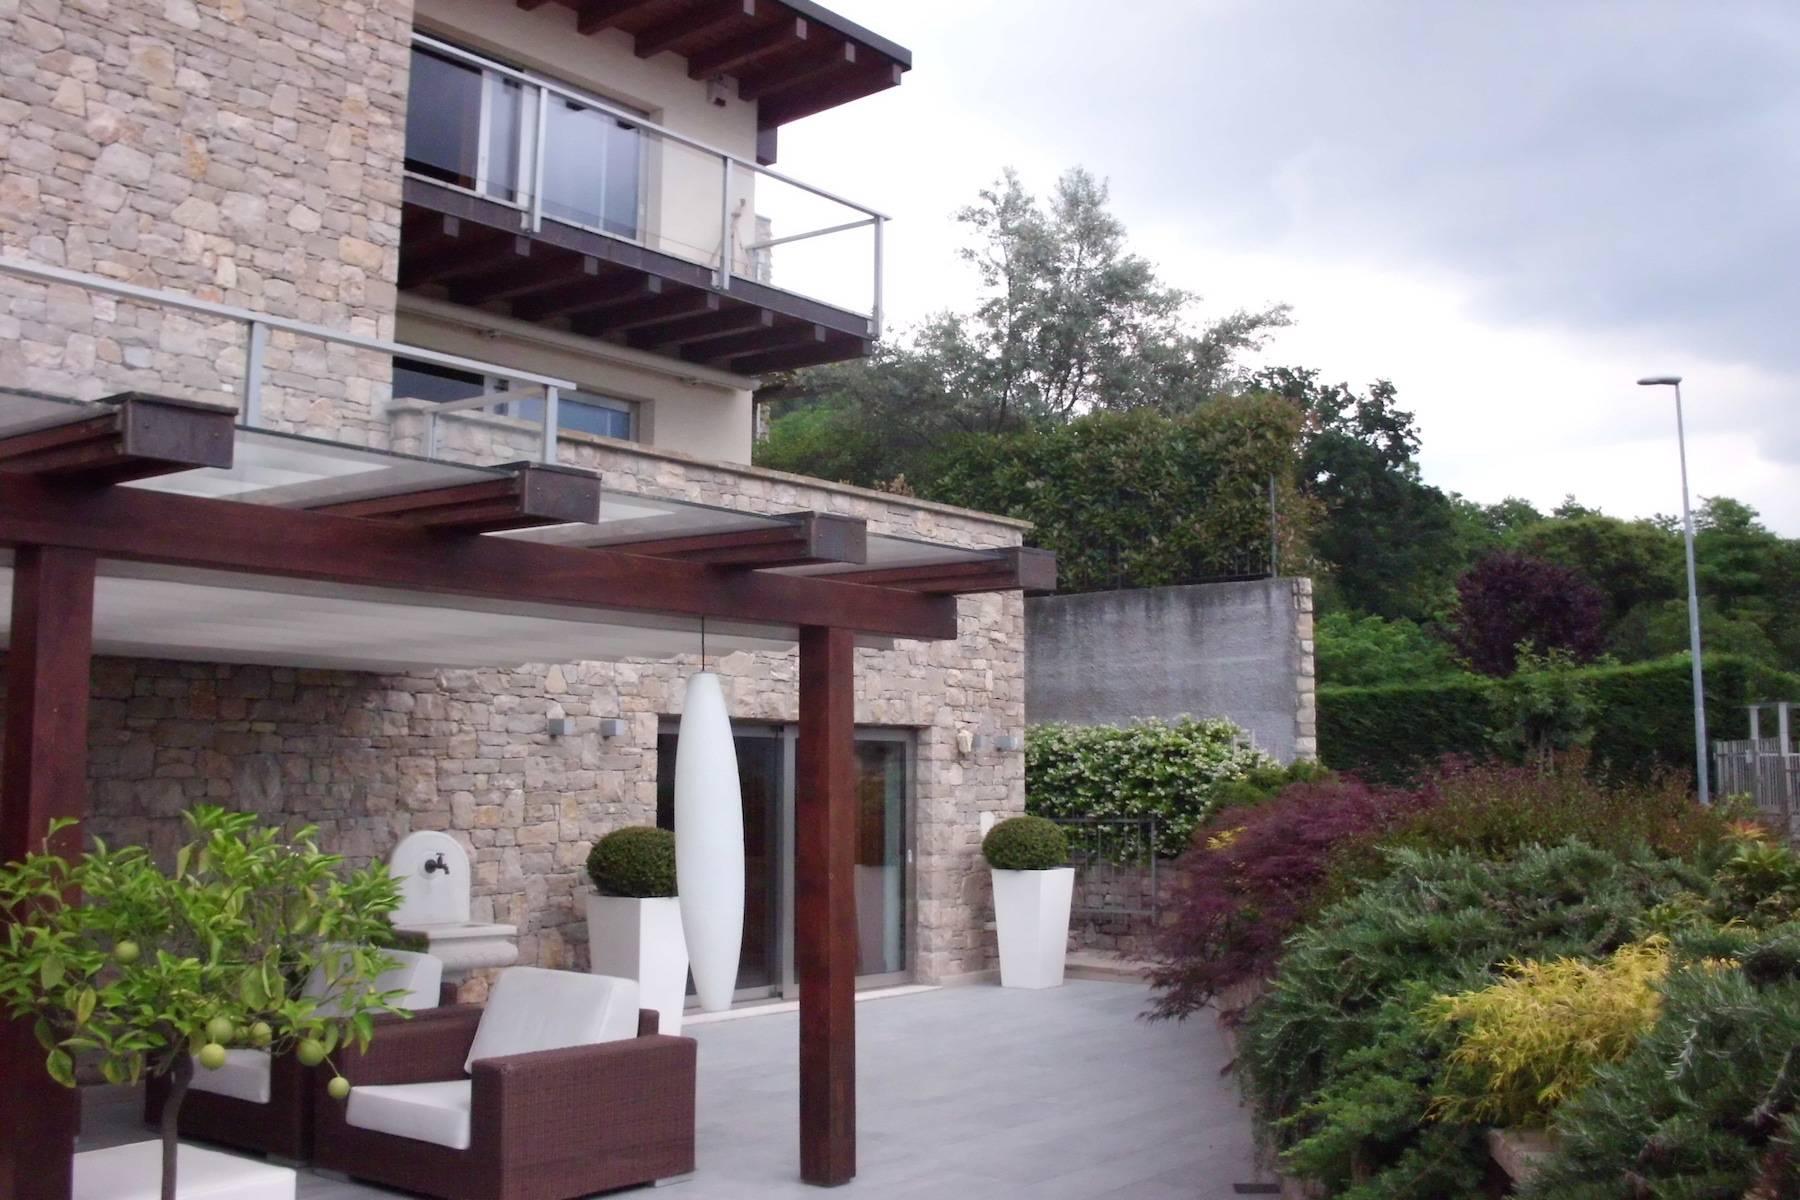 Villa in Vendita a Nembro: 5 locali, 530 mq - Foto 16